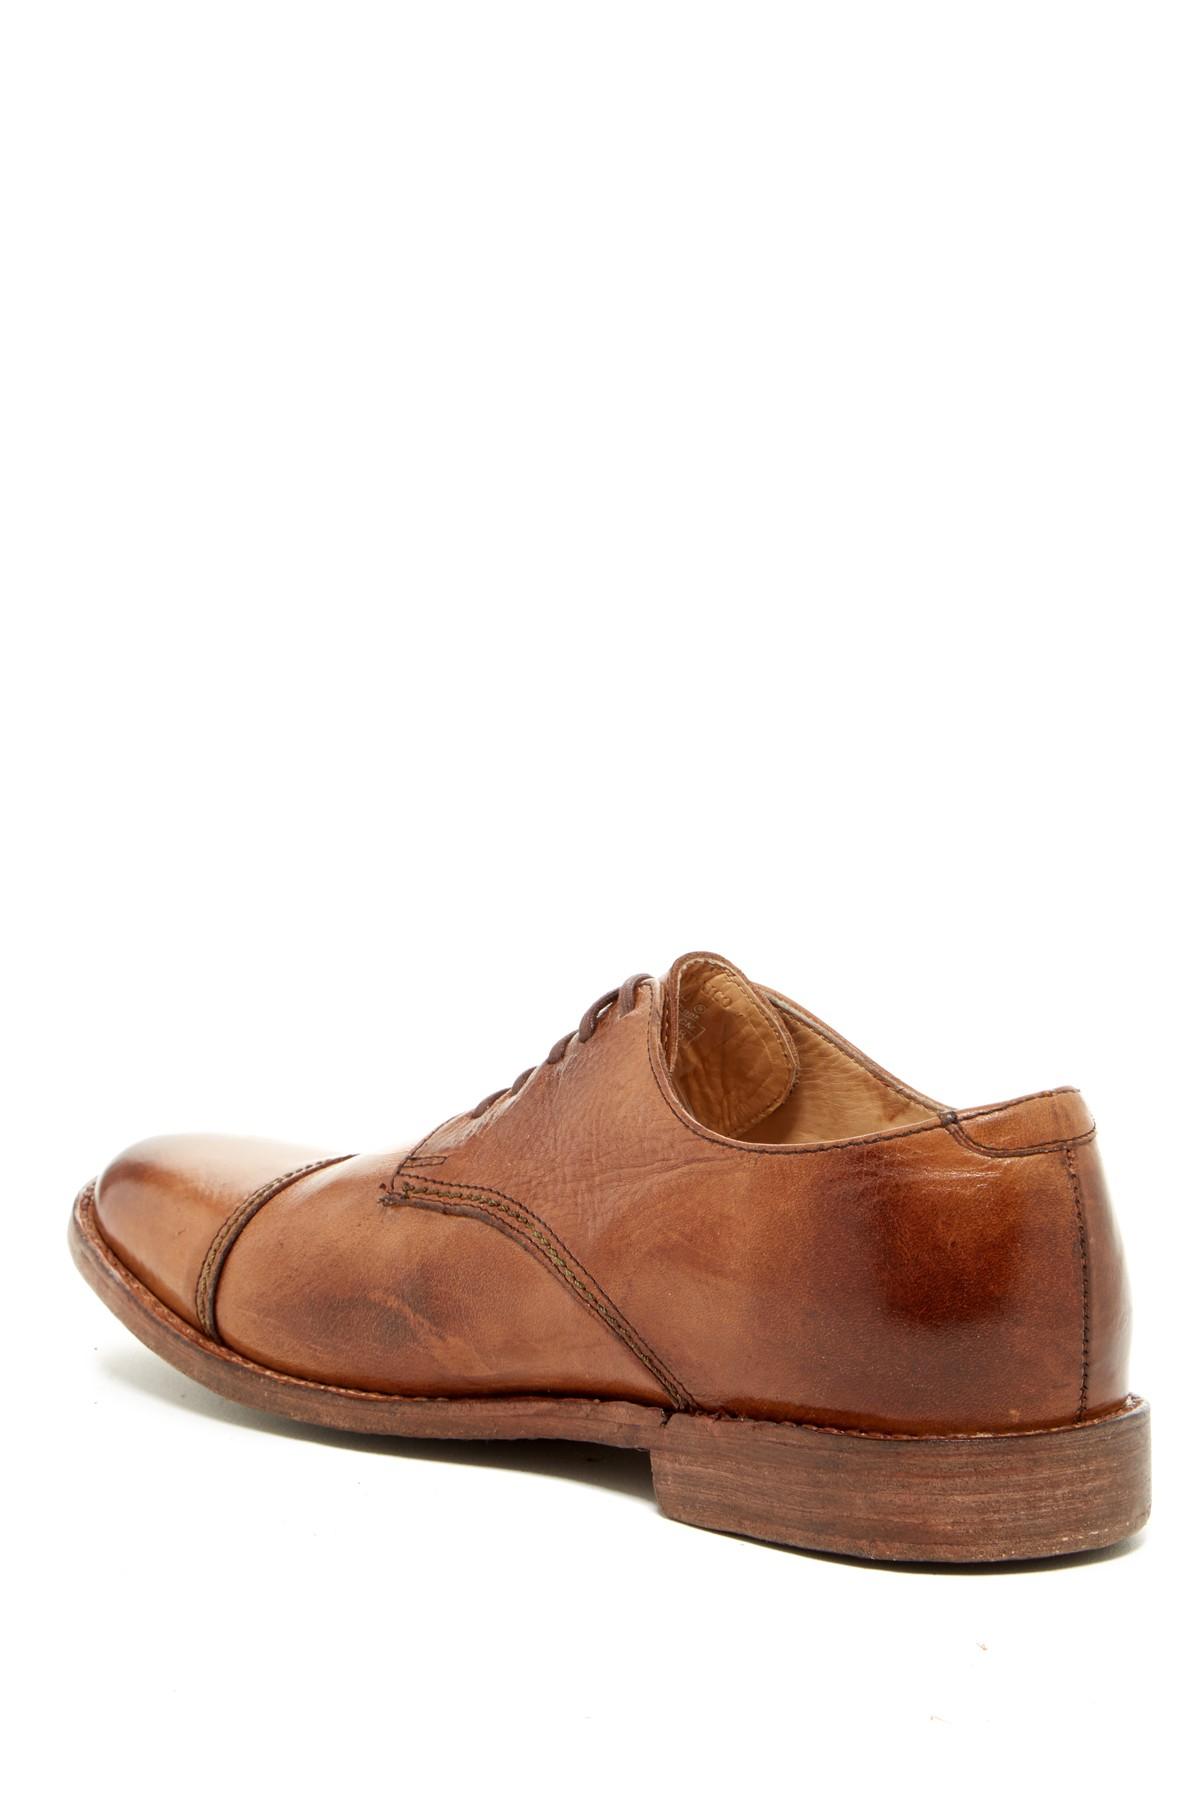 Clarks Shoes Memphis